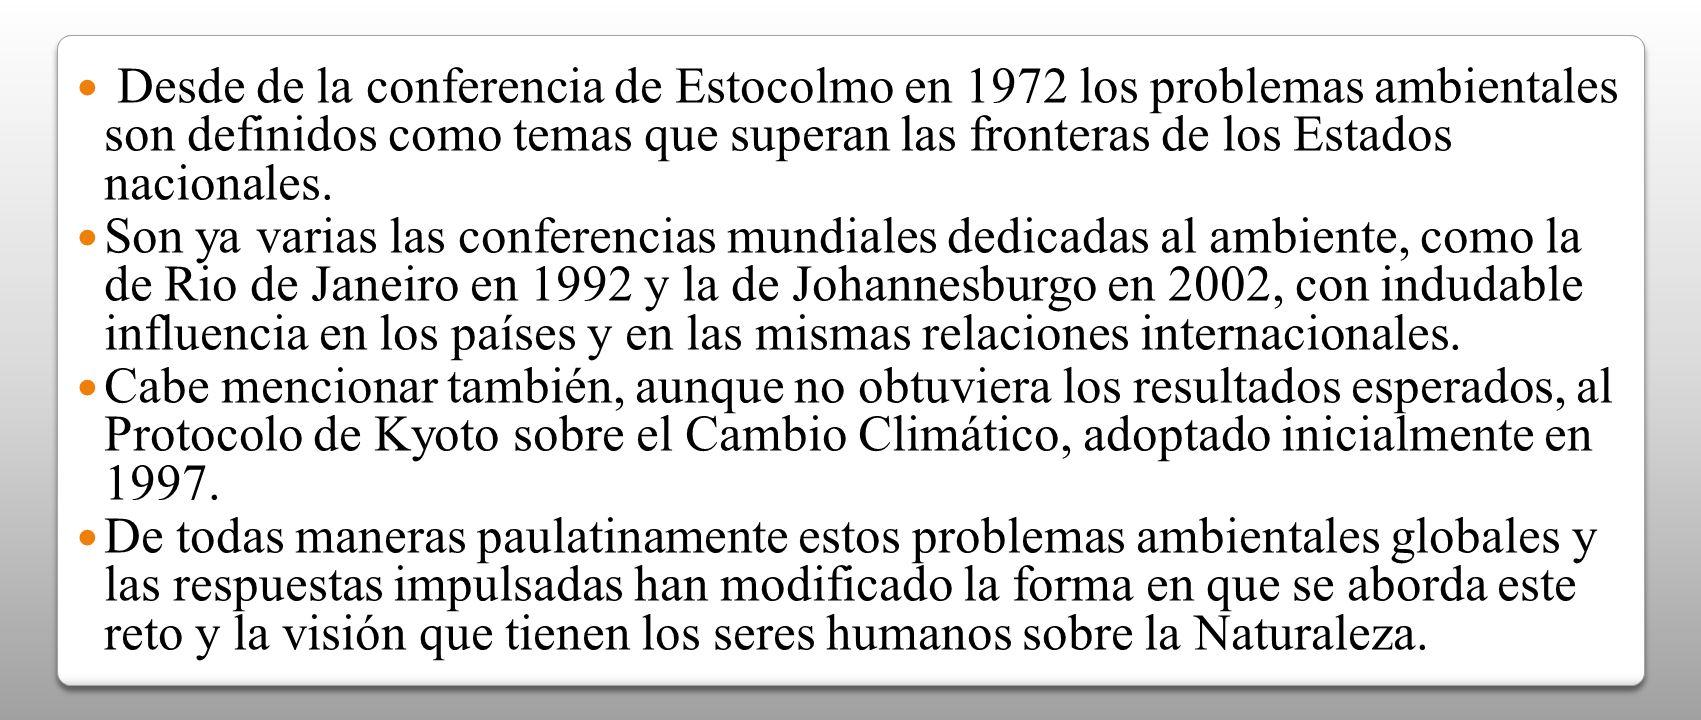 Desde de la conferencia de Estocolmo en 1972 los problemas ambientales son definidos como temas que superan las fronteras de los Estados nacionales. S